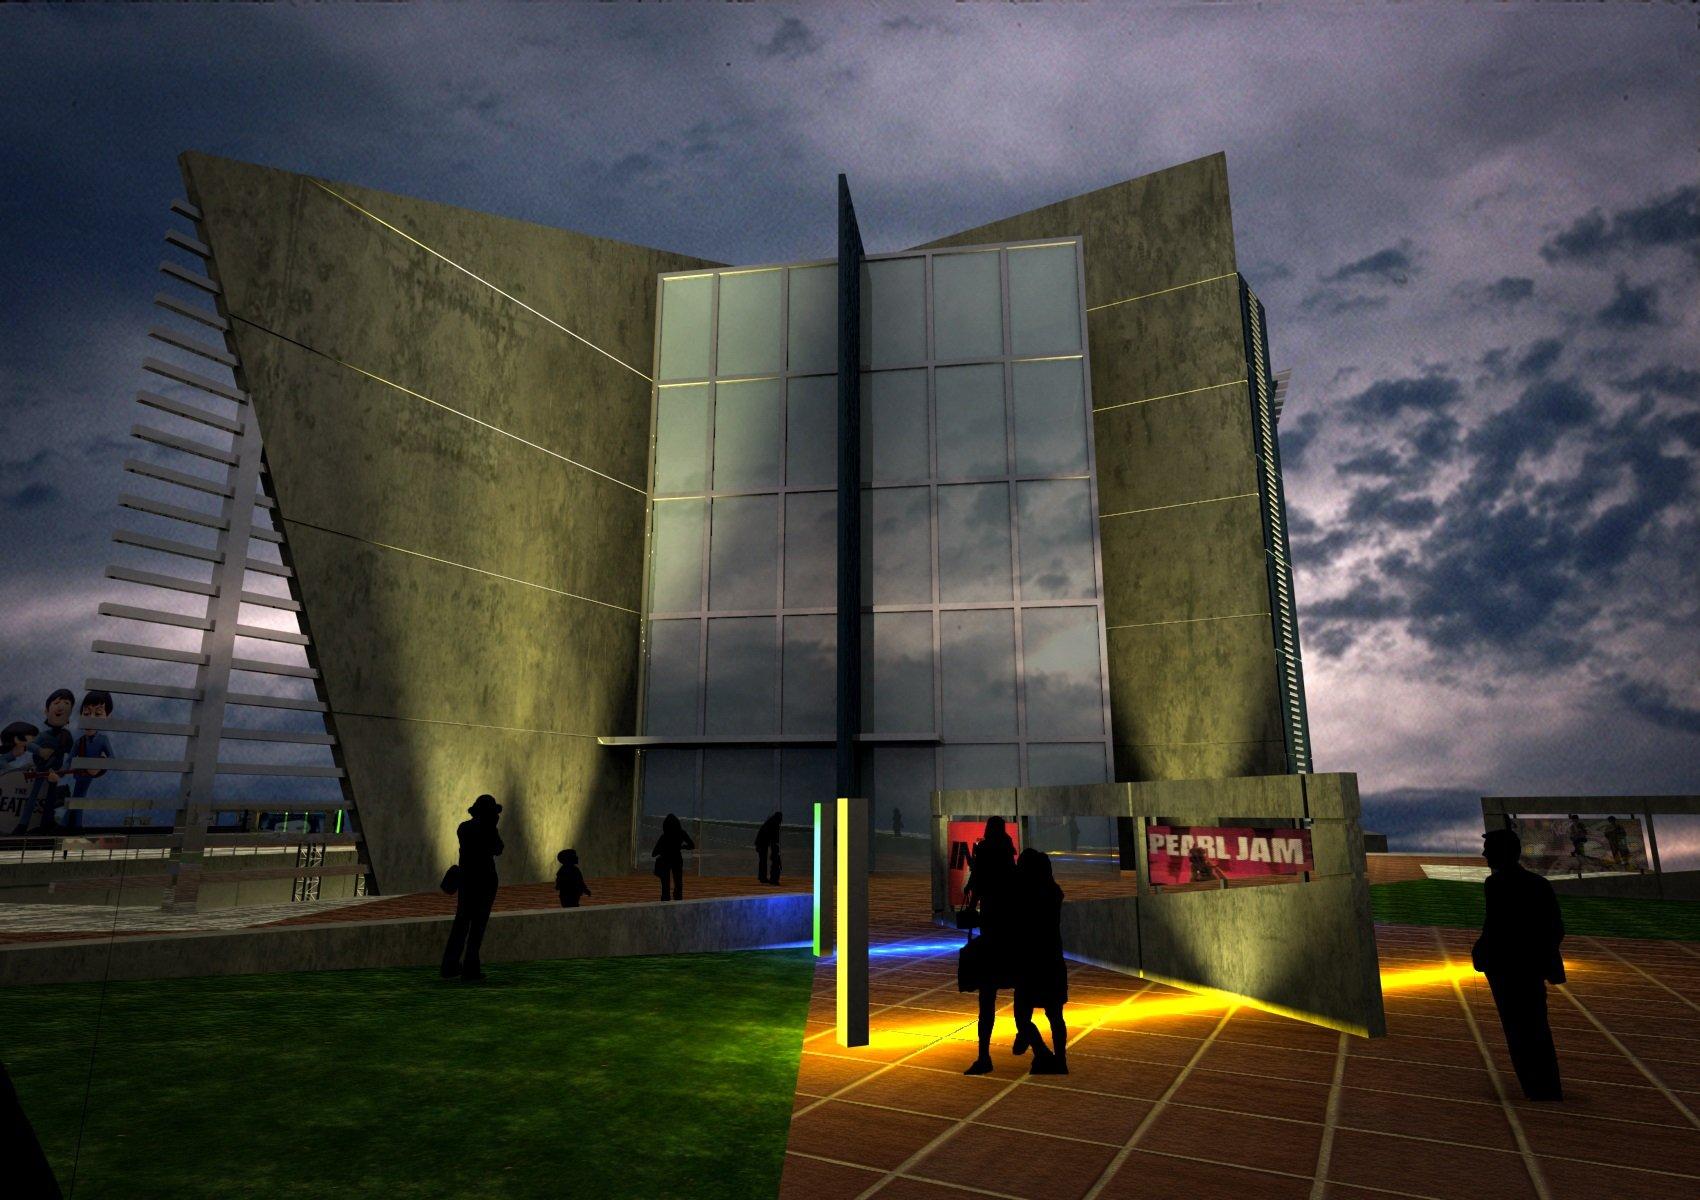 Proyecto-Musica-Museo-A3-Arquitectos-Quito-Ecuador-4